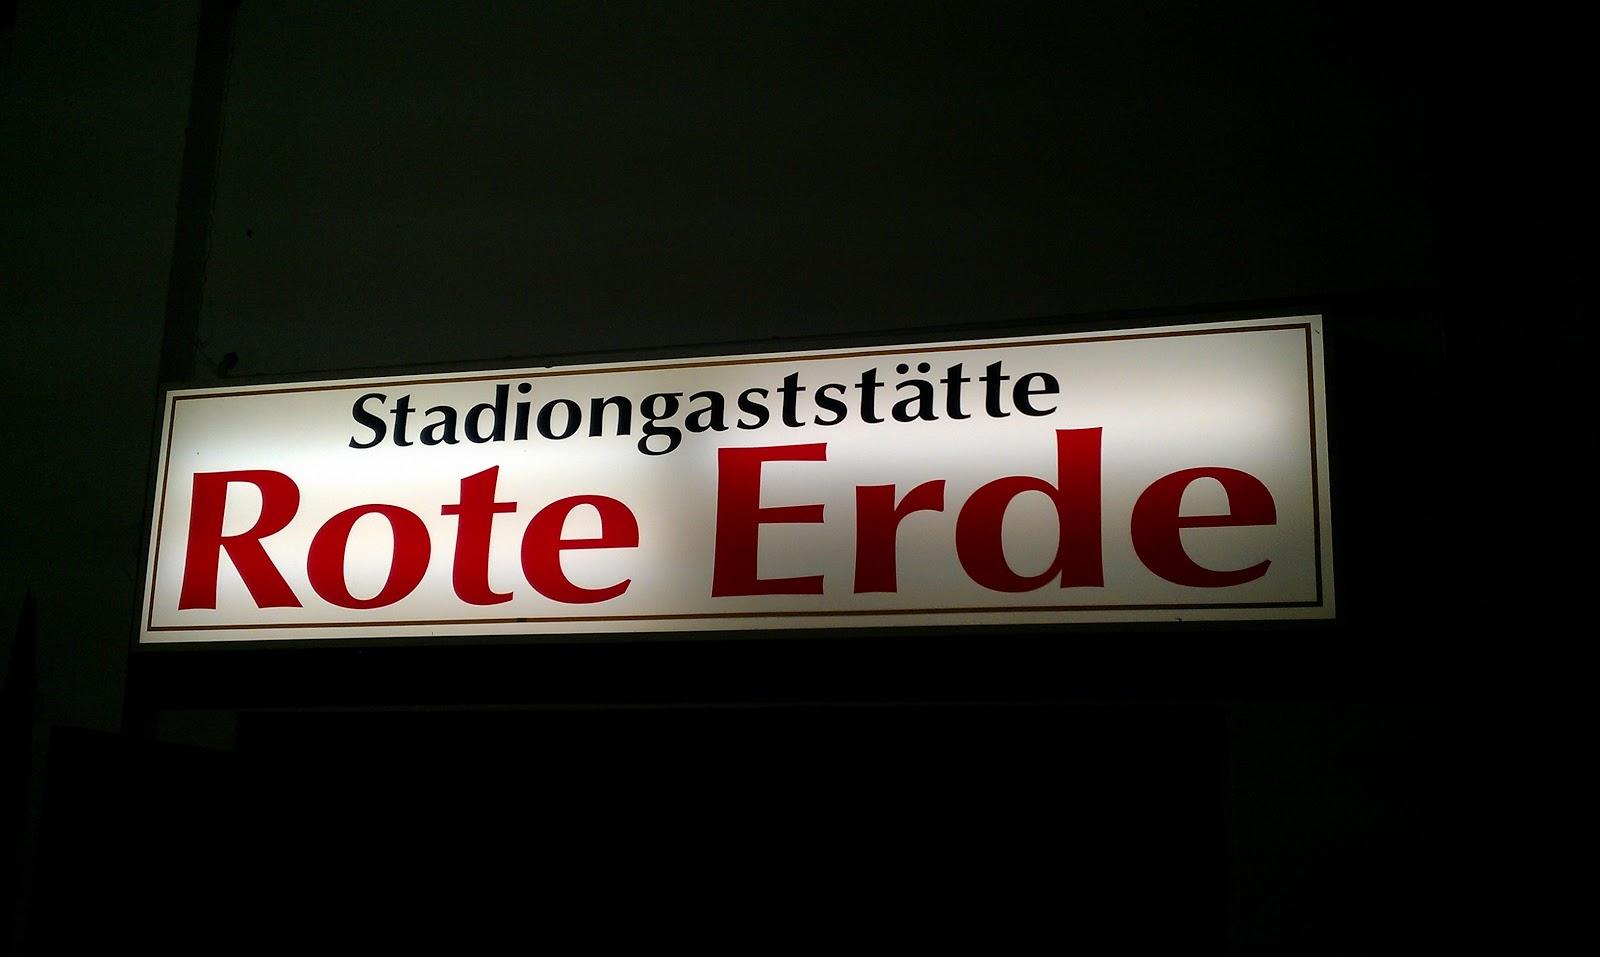 Rote Erde Lippstadt rote erde lippstadt hubhausdesign co